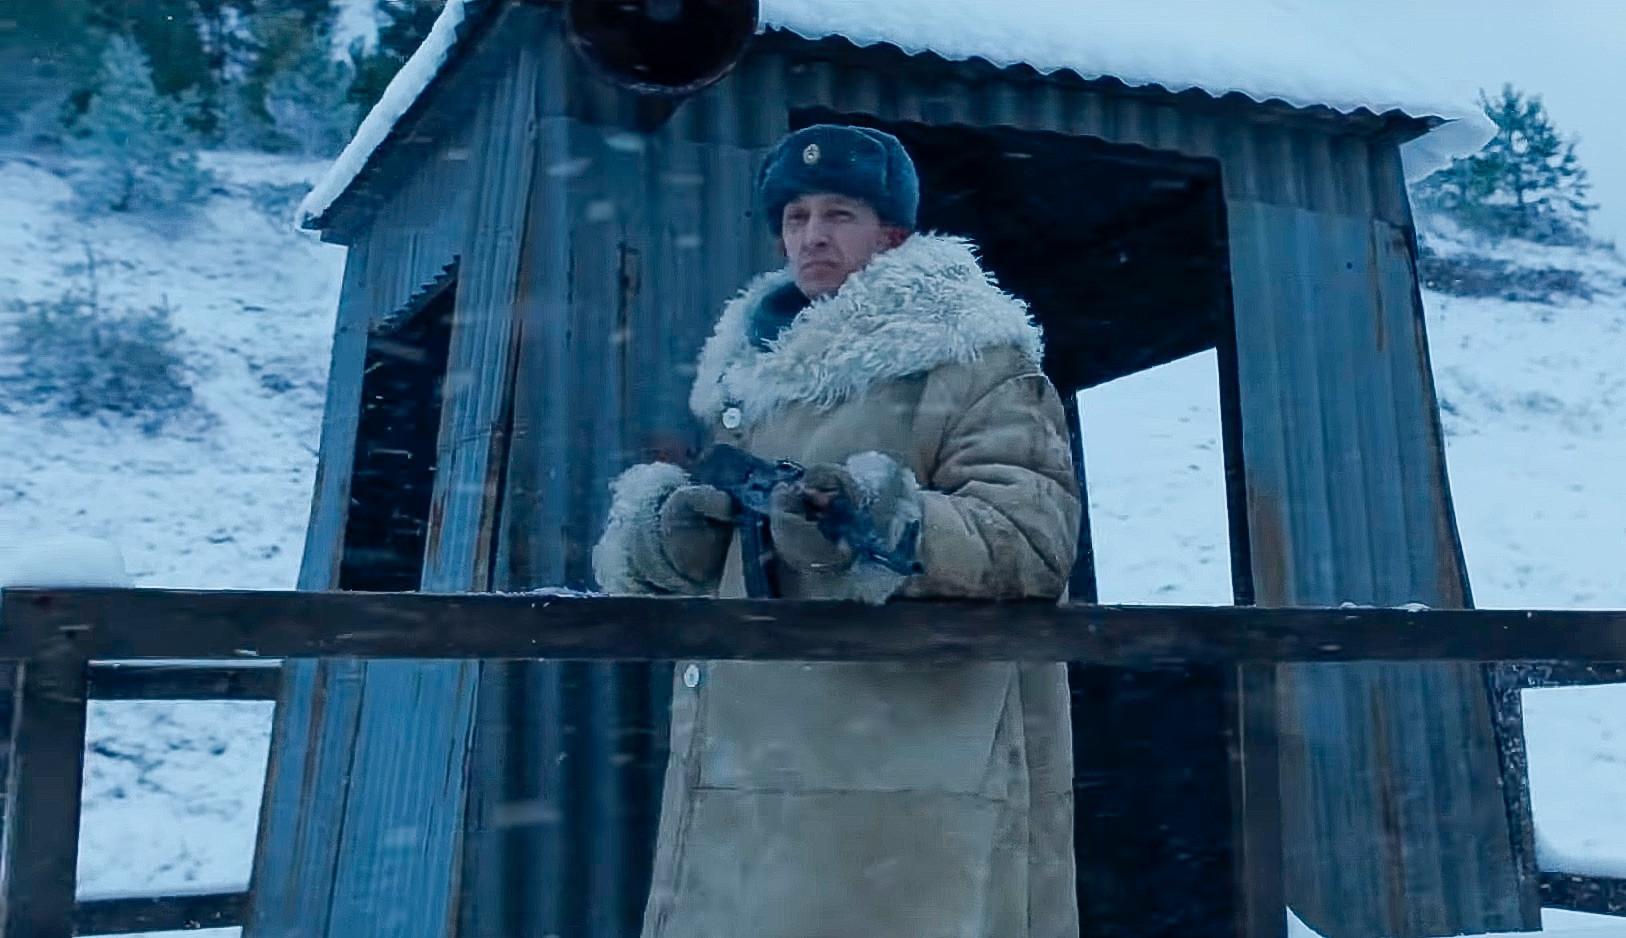 Este vertuhai es  una versión bastante cara de un abrigo de piel tulup